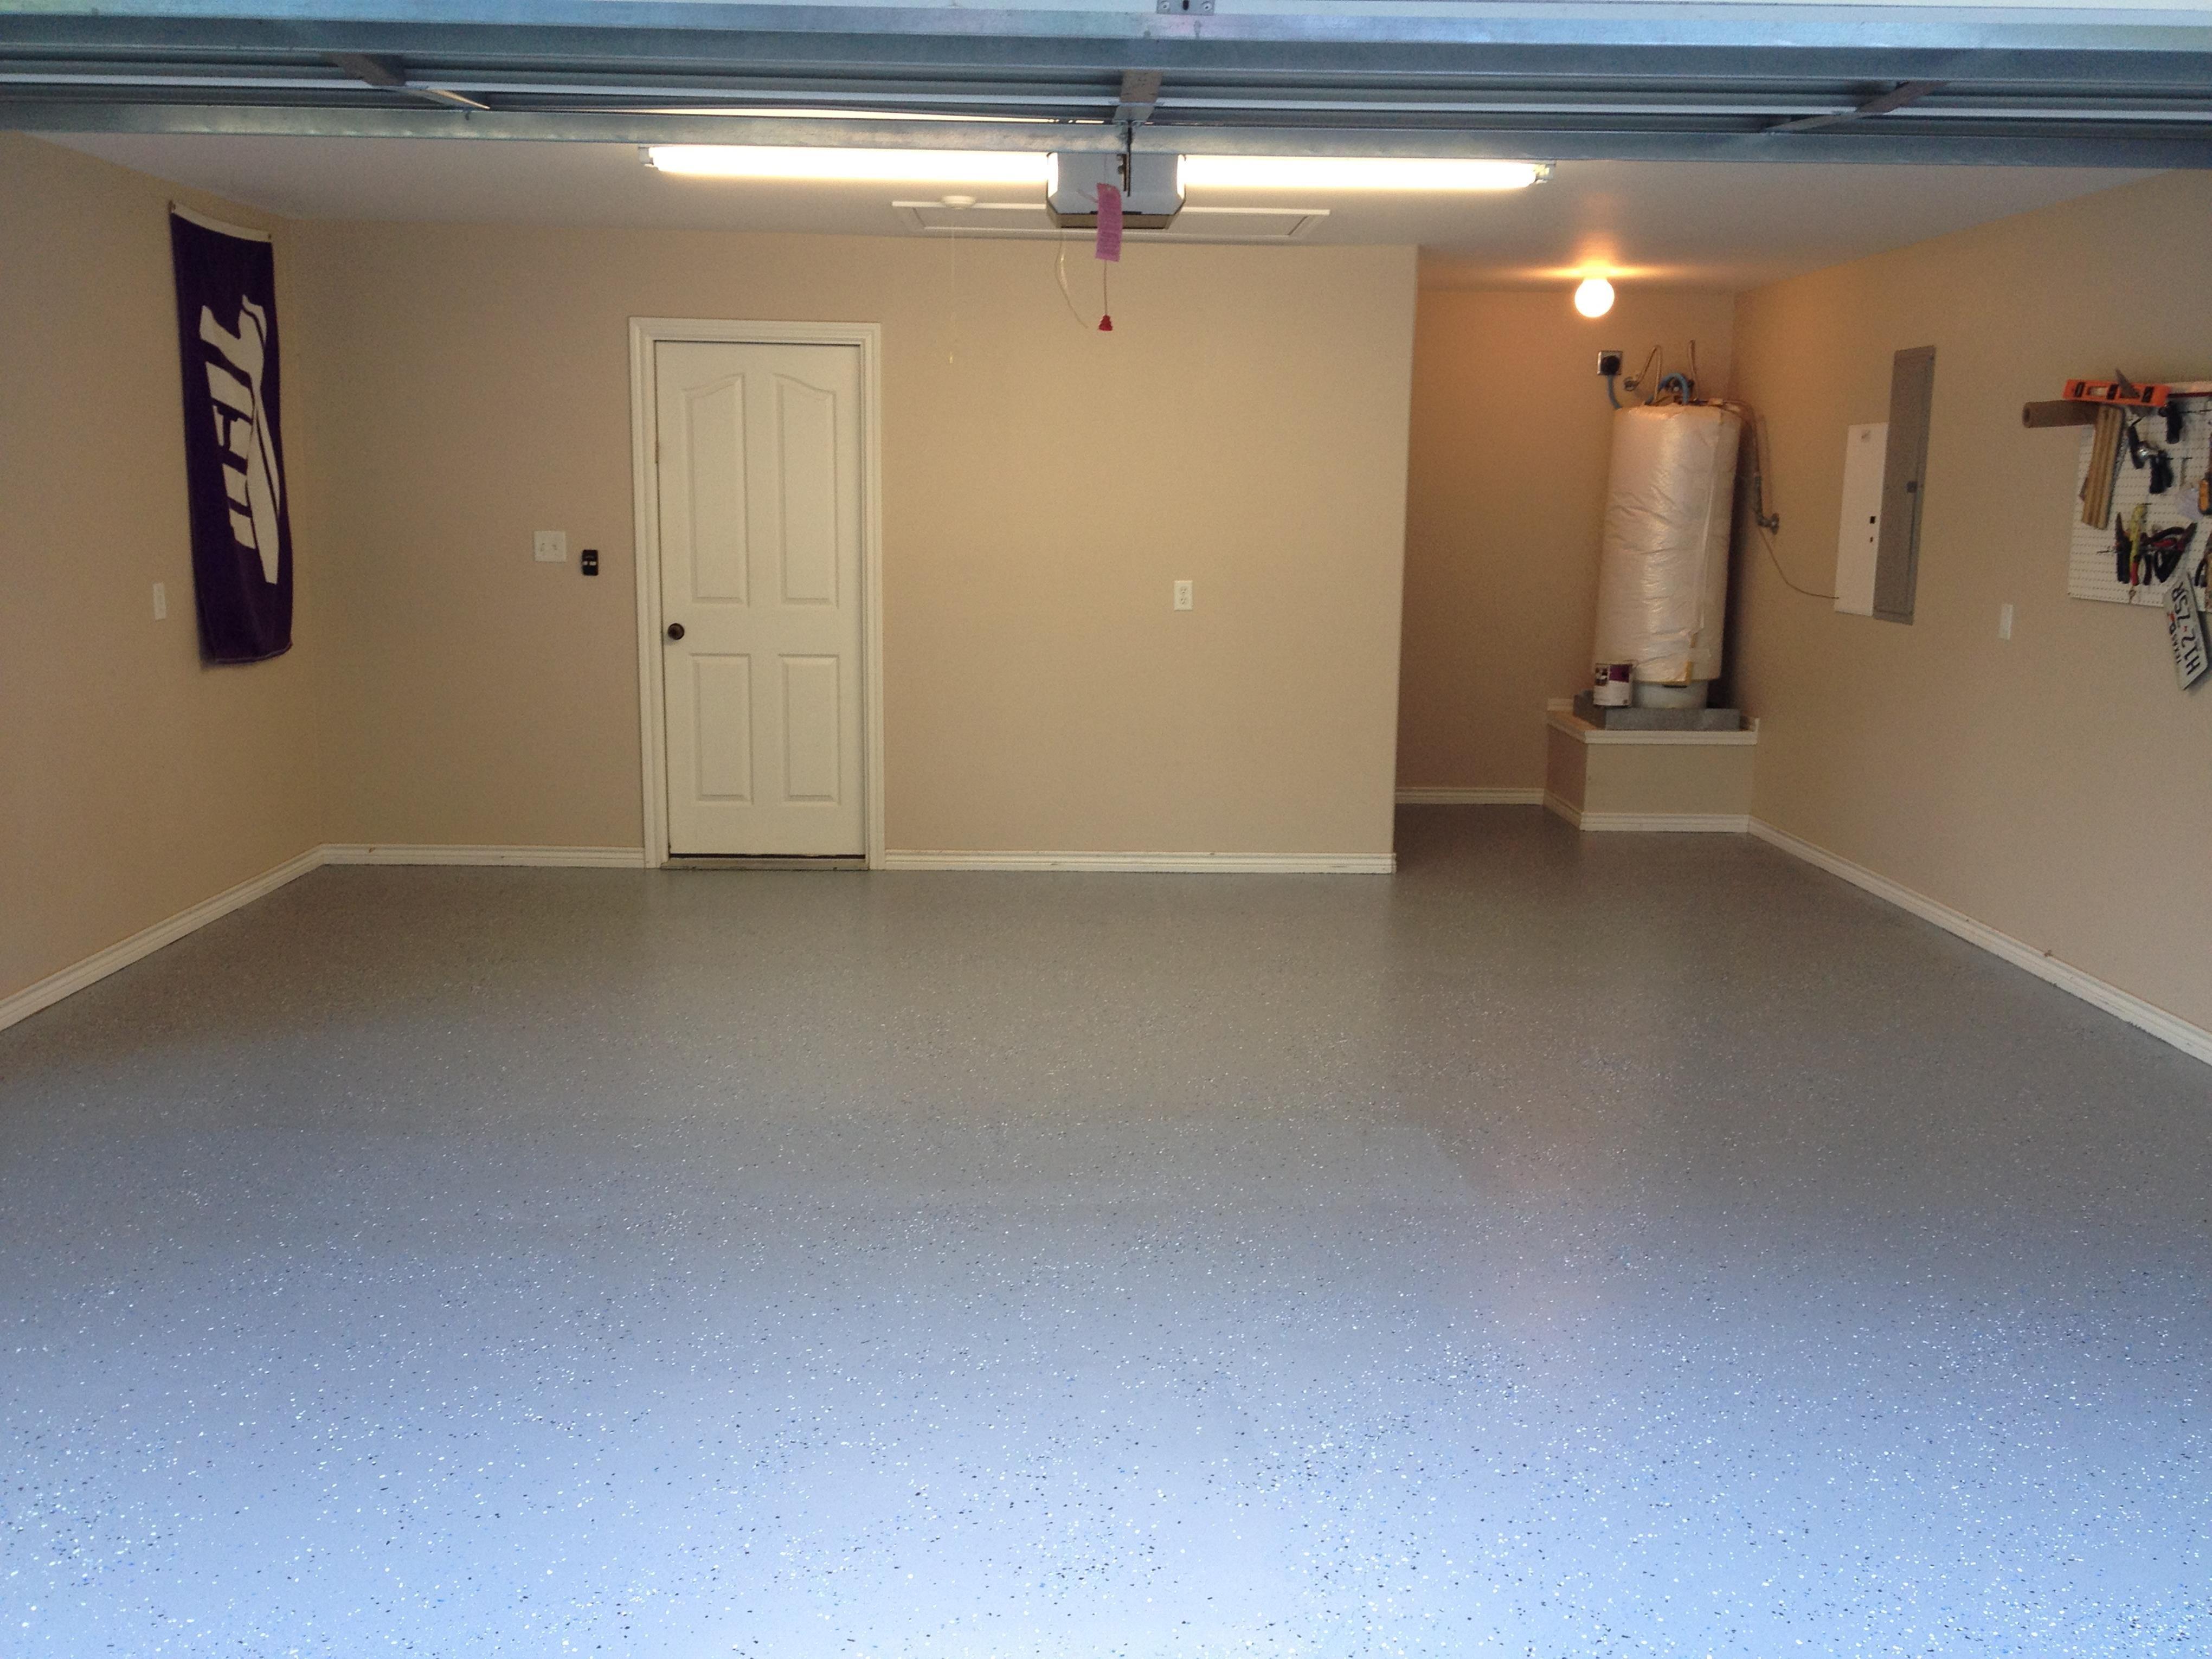 30 perfect basement concrete floor paint color ideas on concrete basement wall paint colors id=12624